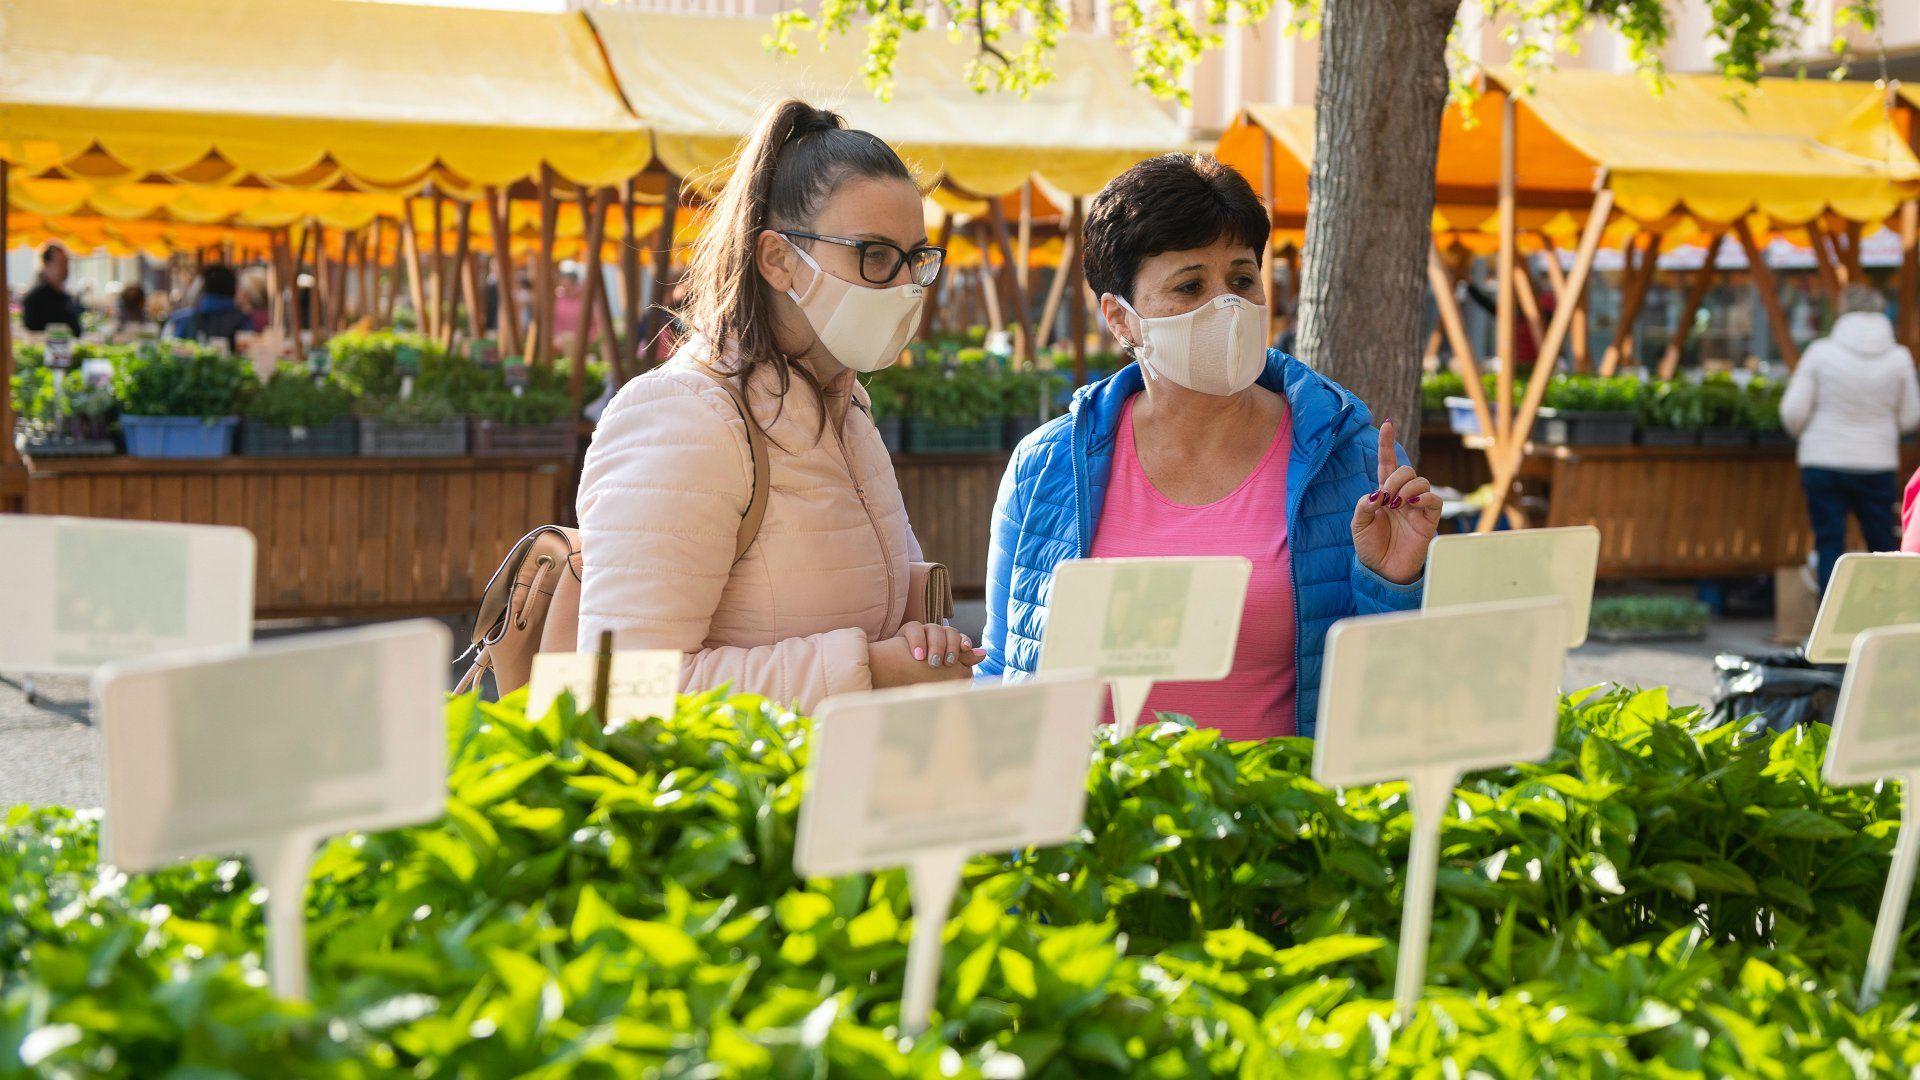 maszkos vásárlók a piacon